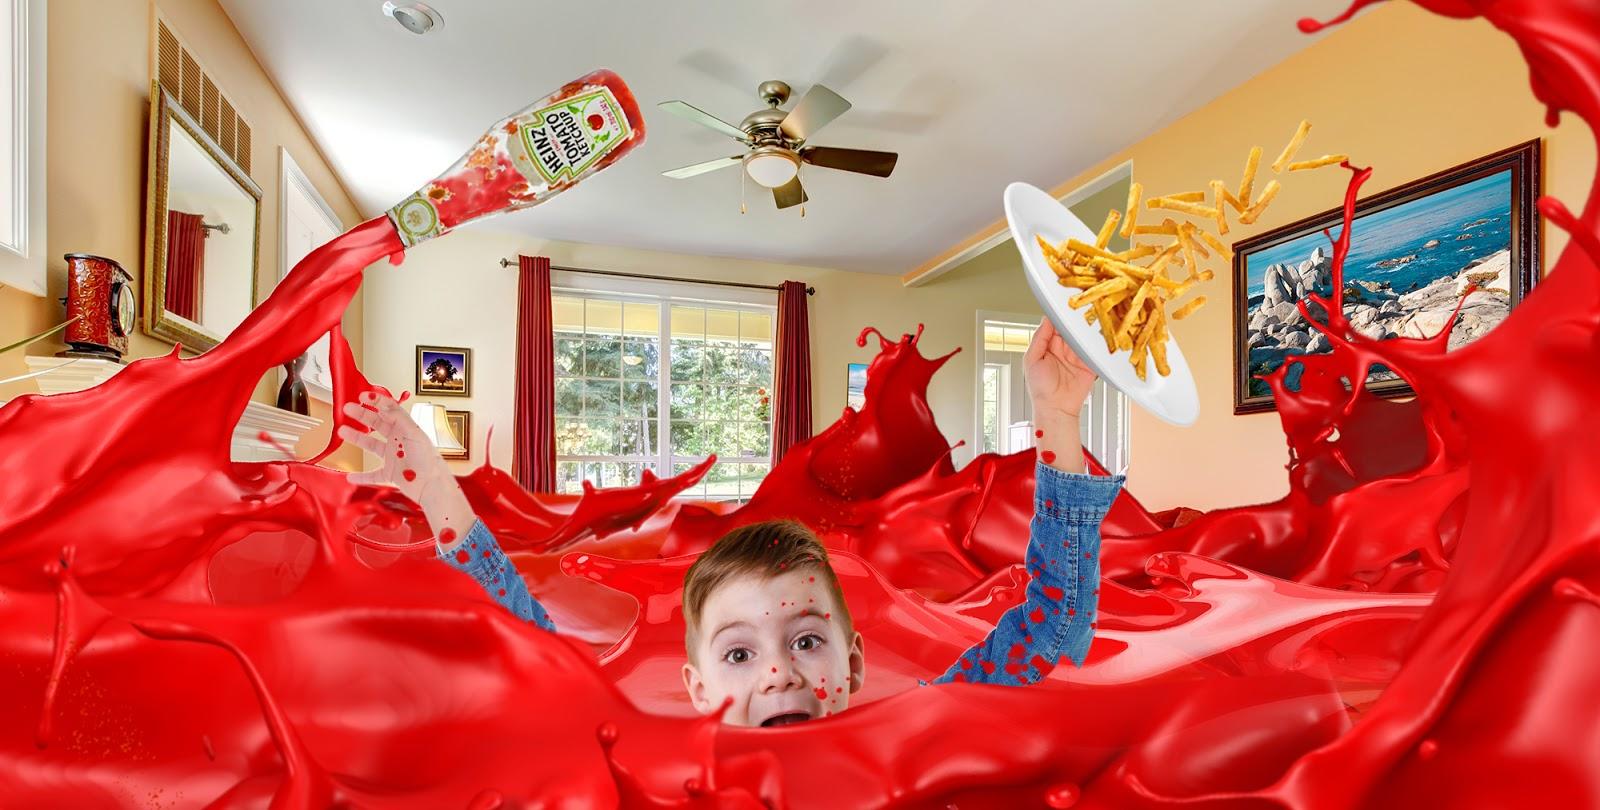 Nachdem erst ewig nix aus der Flasche kam: Kind (9) ertrinkt beinahe in Ketchup-Tsunami